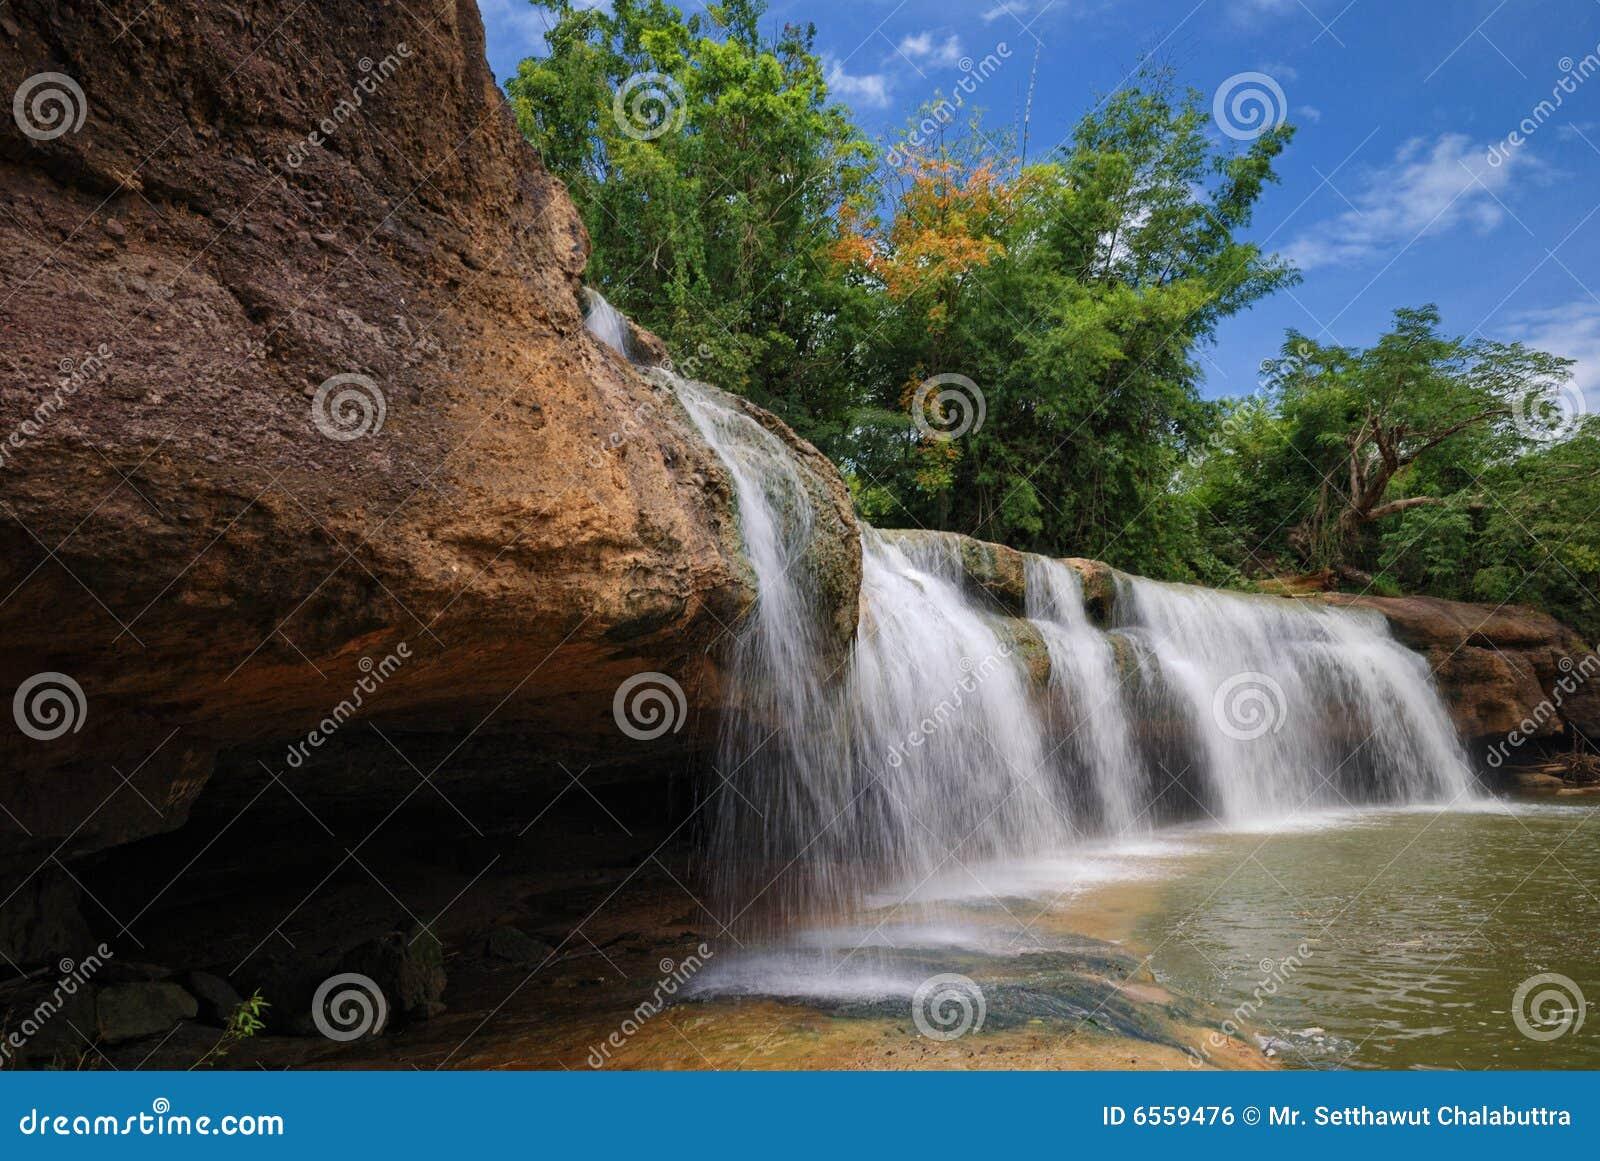 De daling van het water stock foto afbeelding bestaande uit groen 6559476 - Groen behang van het water ...